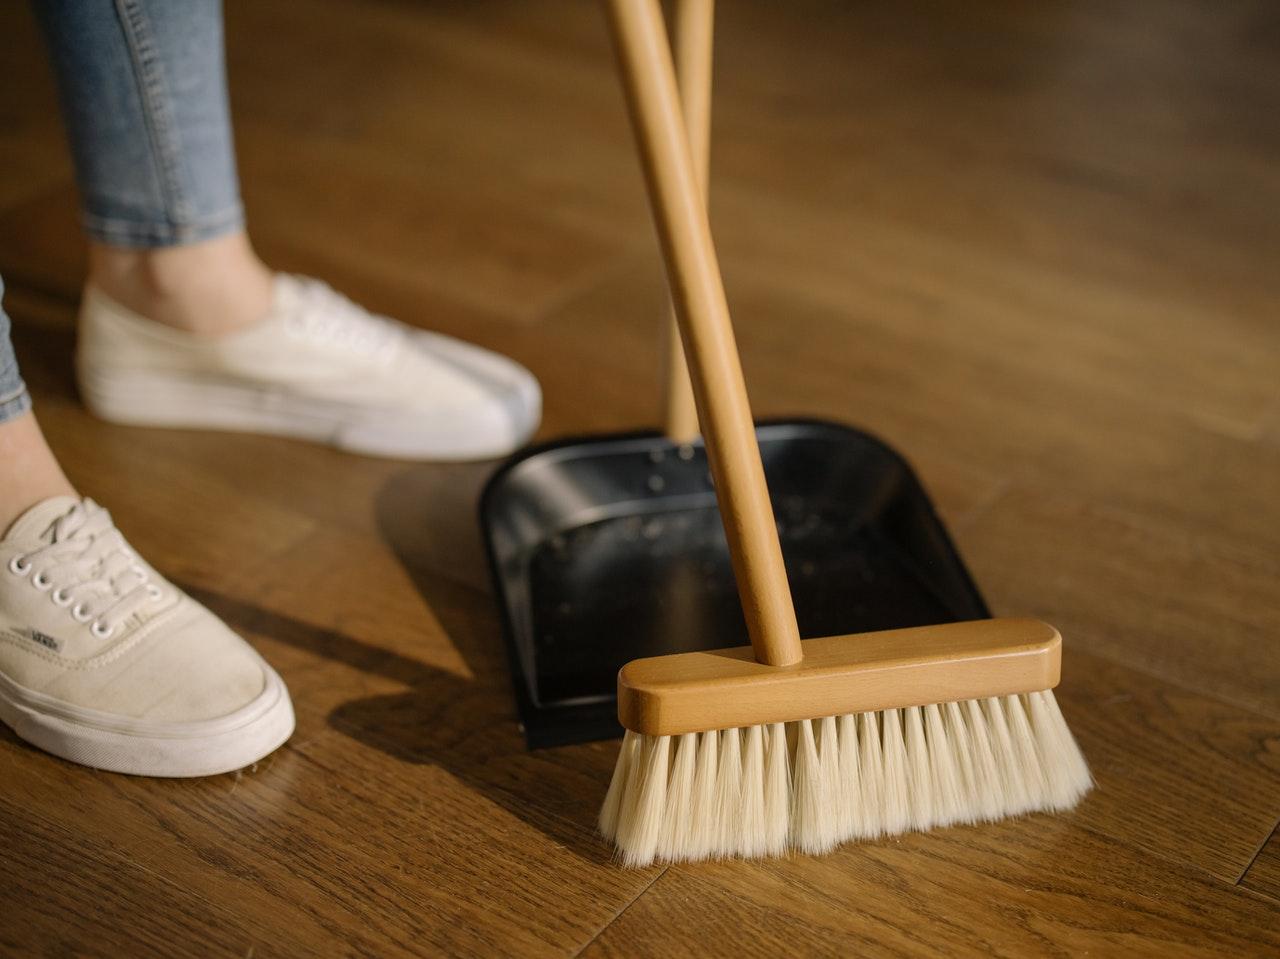 La limpieza ayuda a sentirse mejor y a estar más relajado en casa